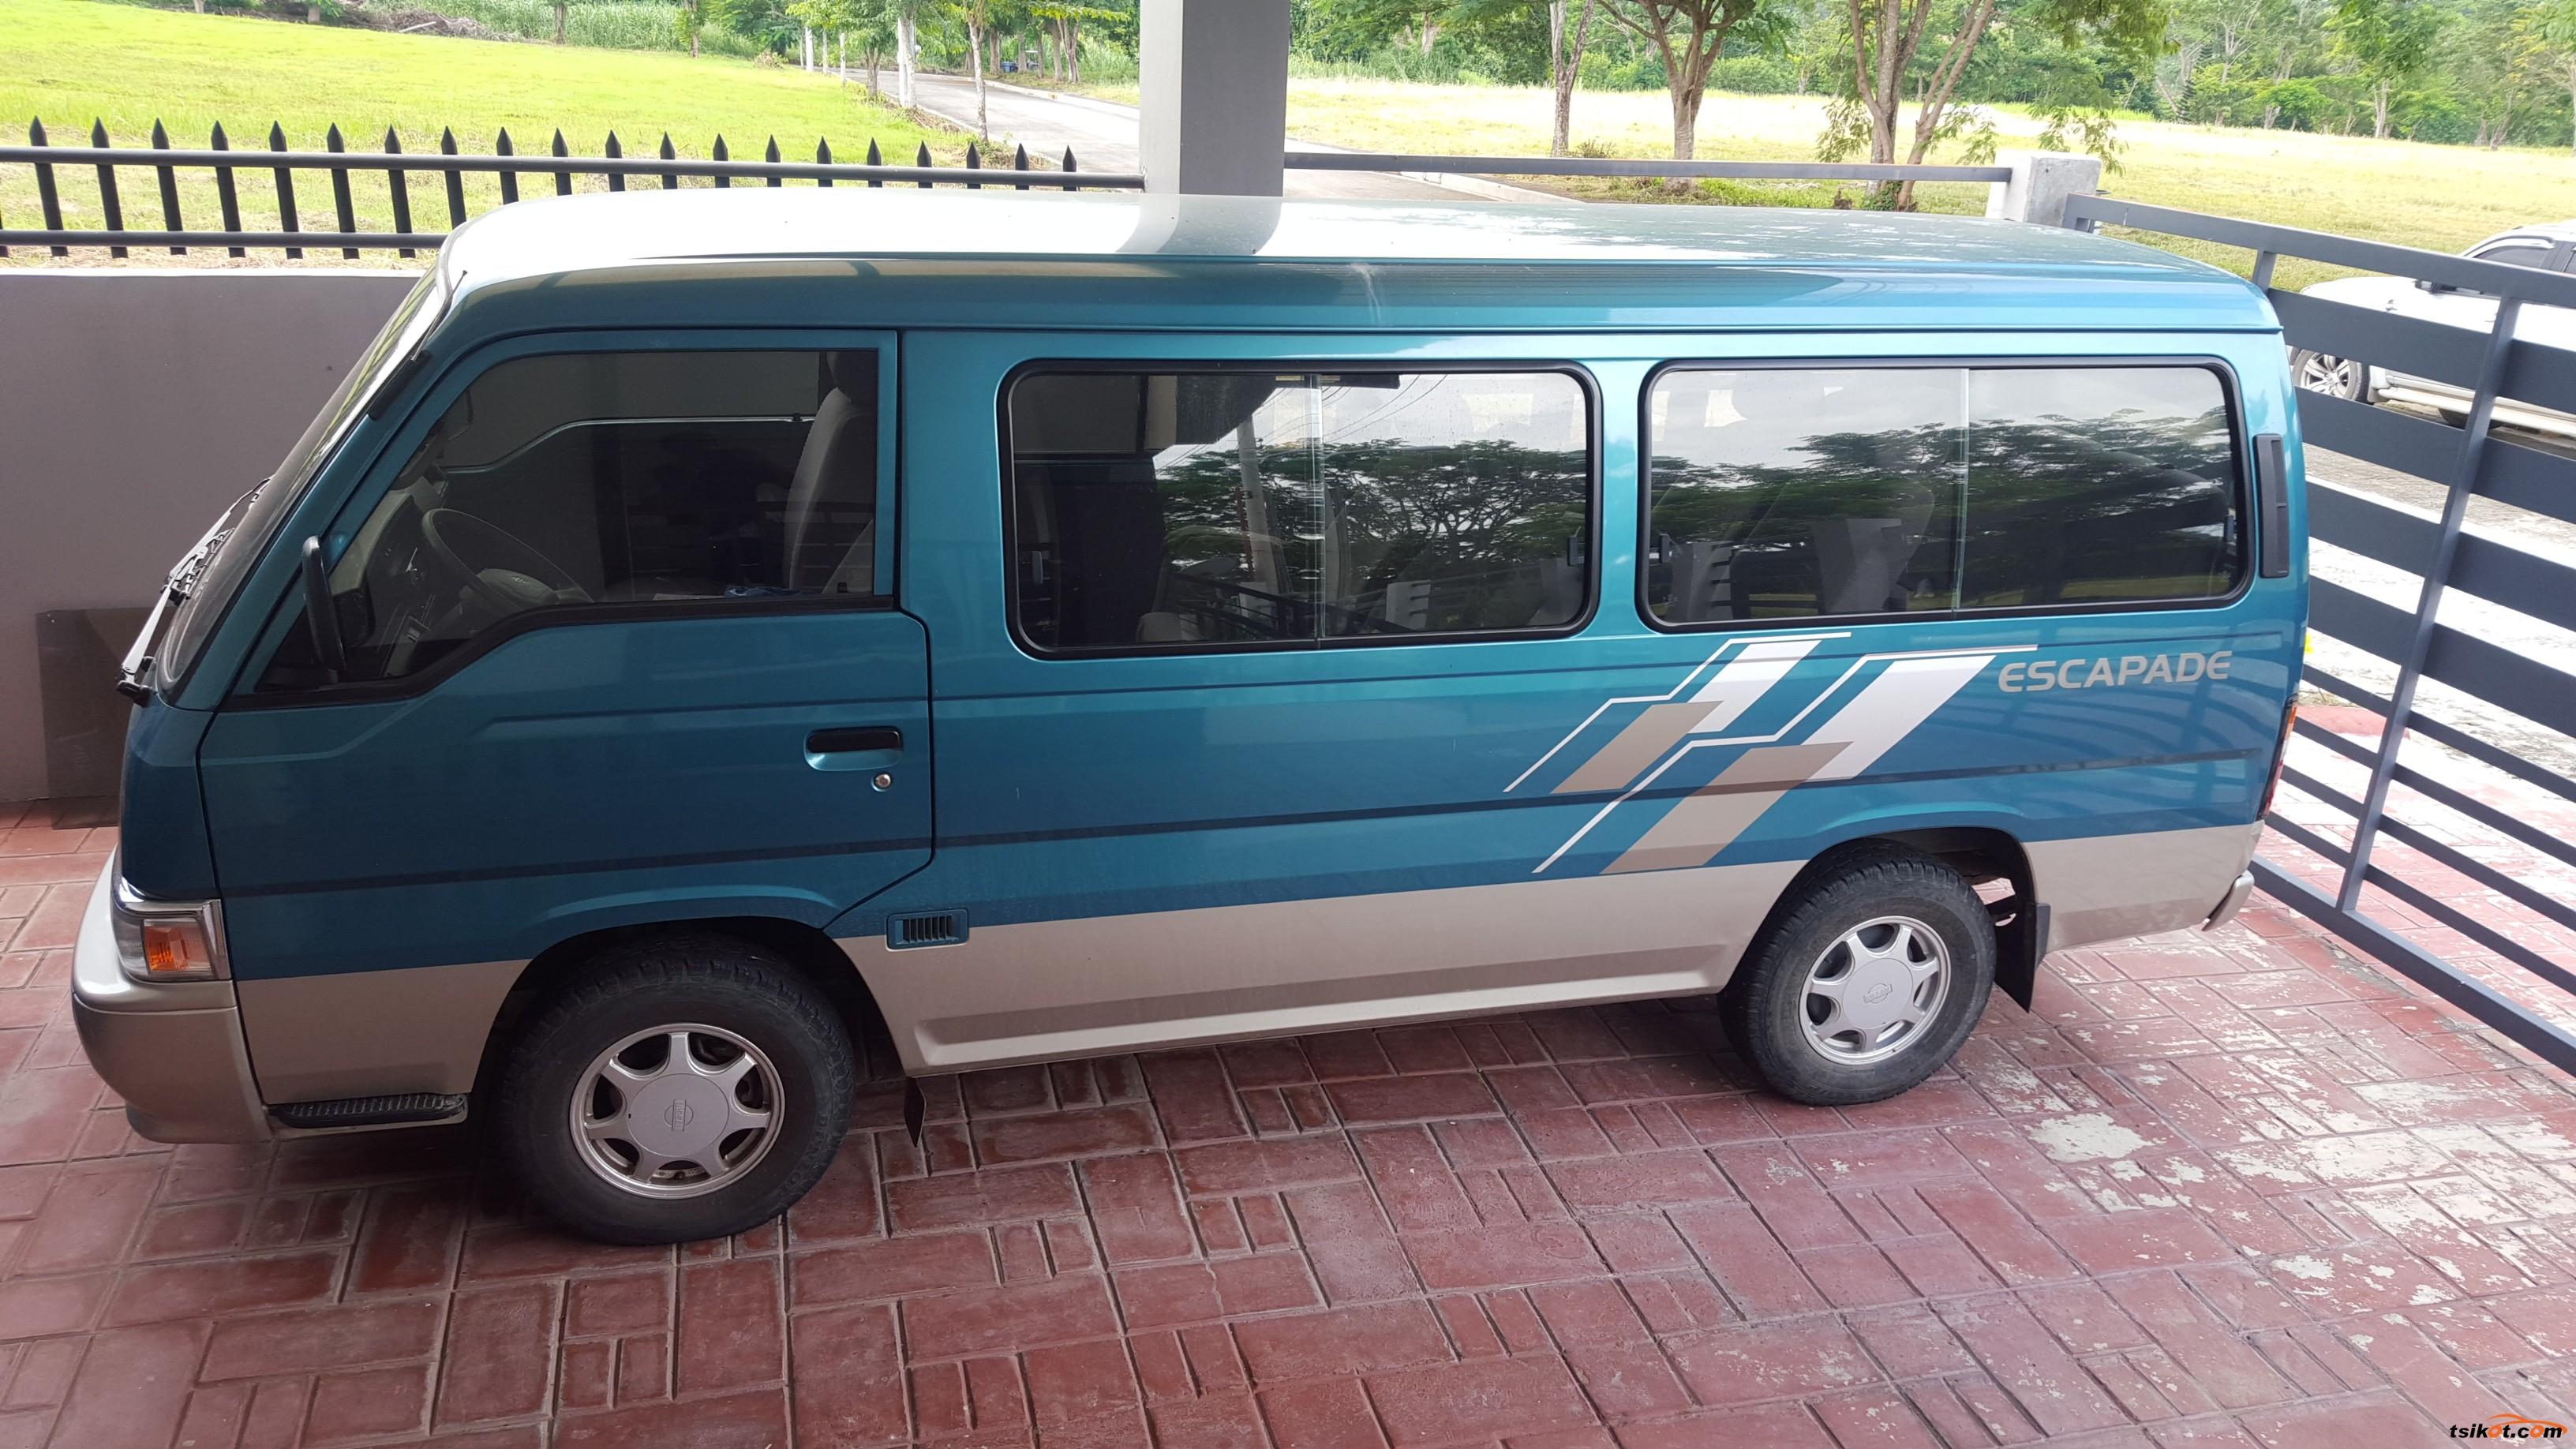 Nissan Escapade 2013 - 8